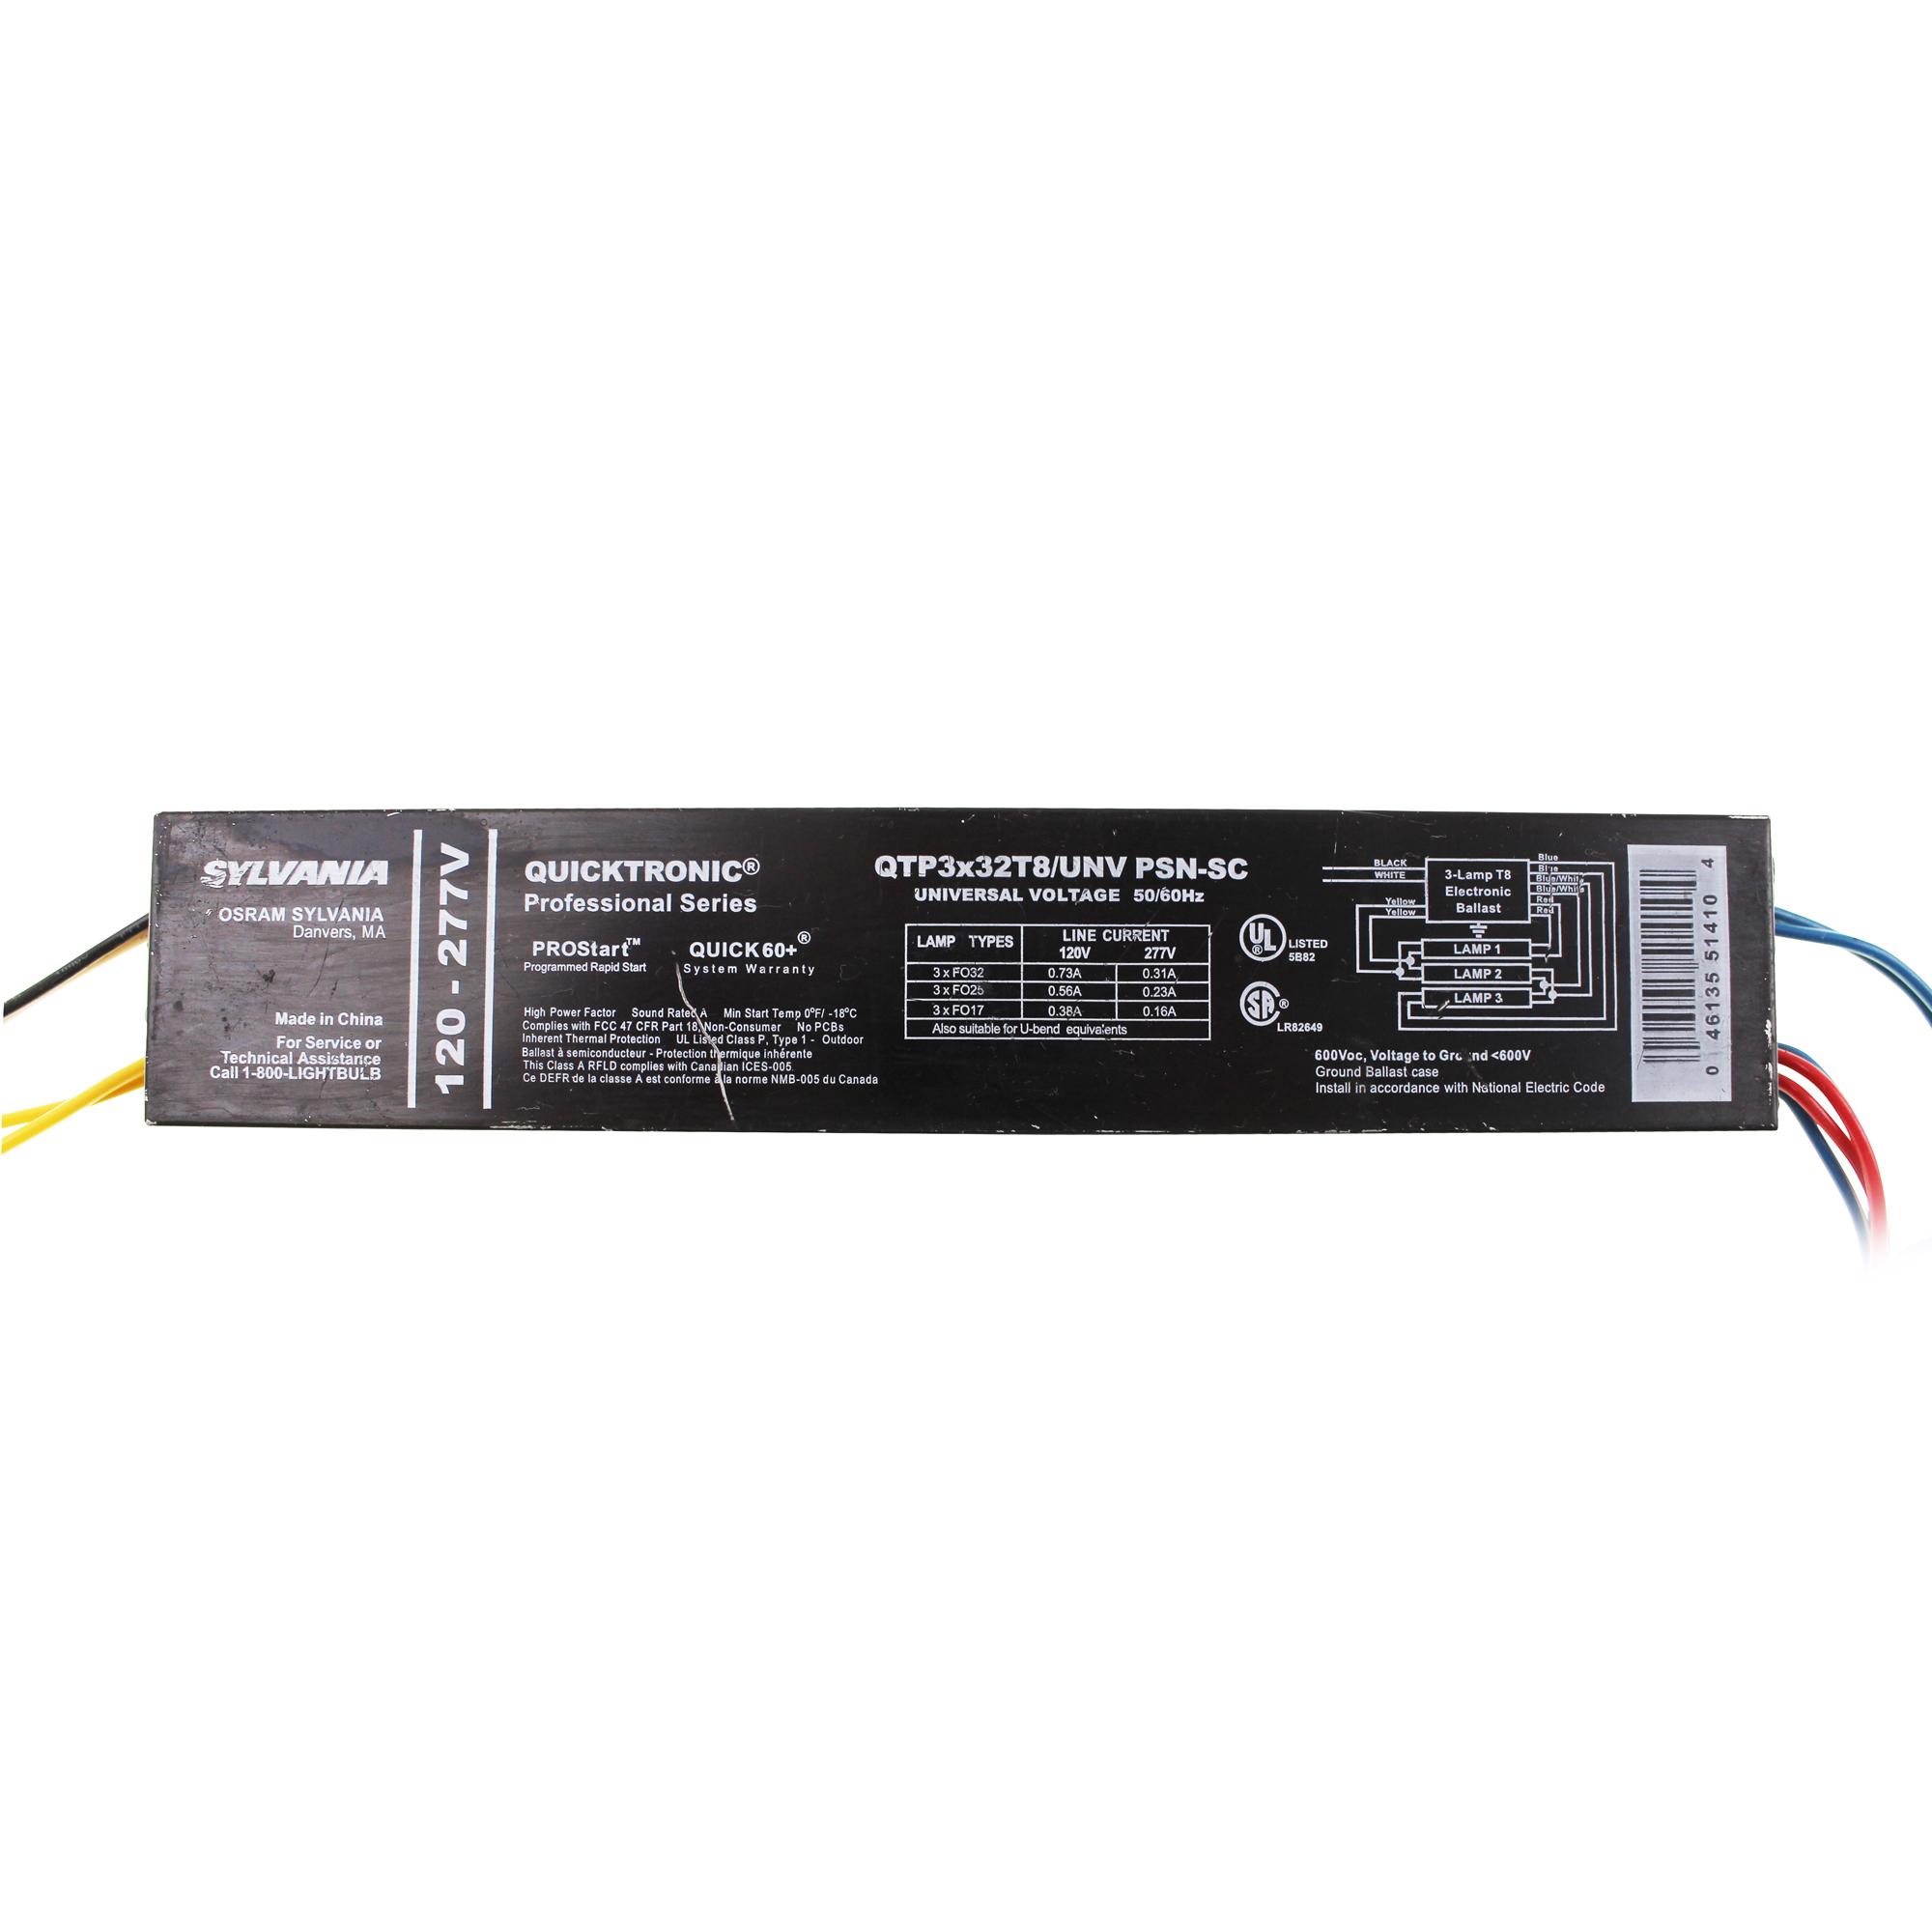 [SCHEMATICS_4PO]  SYLVANIA QTP3X32T8/UNV PSN-SC FLUORESCENT BALLAST, FO32T8 3 LAMP 32W T8  120/277V 703158643890 | eBay | Sylvania Ballast Wiring Diagram |  | eBay